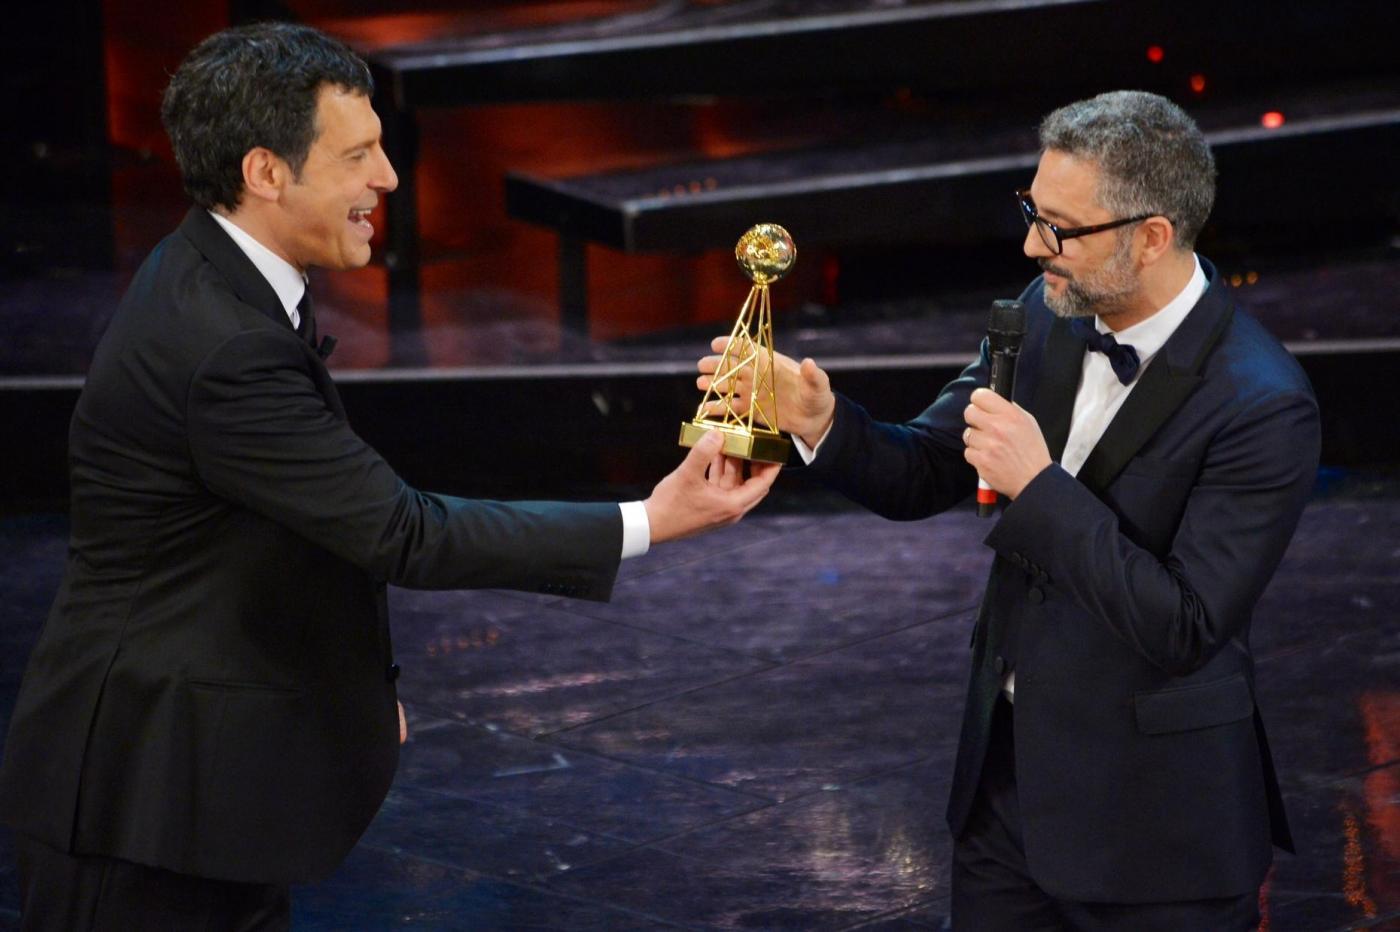 Ascolti TV mercoledì 27 marzo 2013: la differita degli Oscar della TV vince la serata